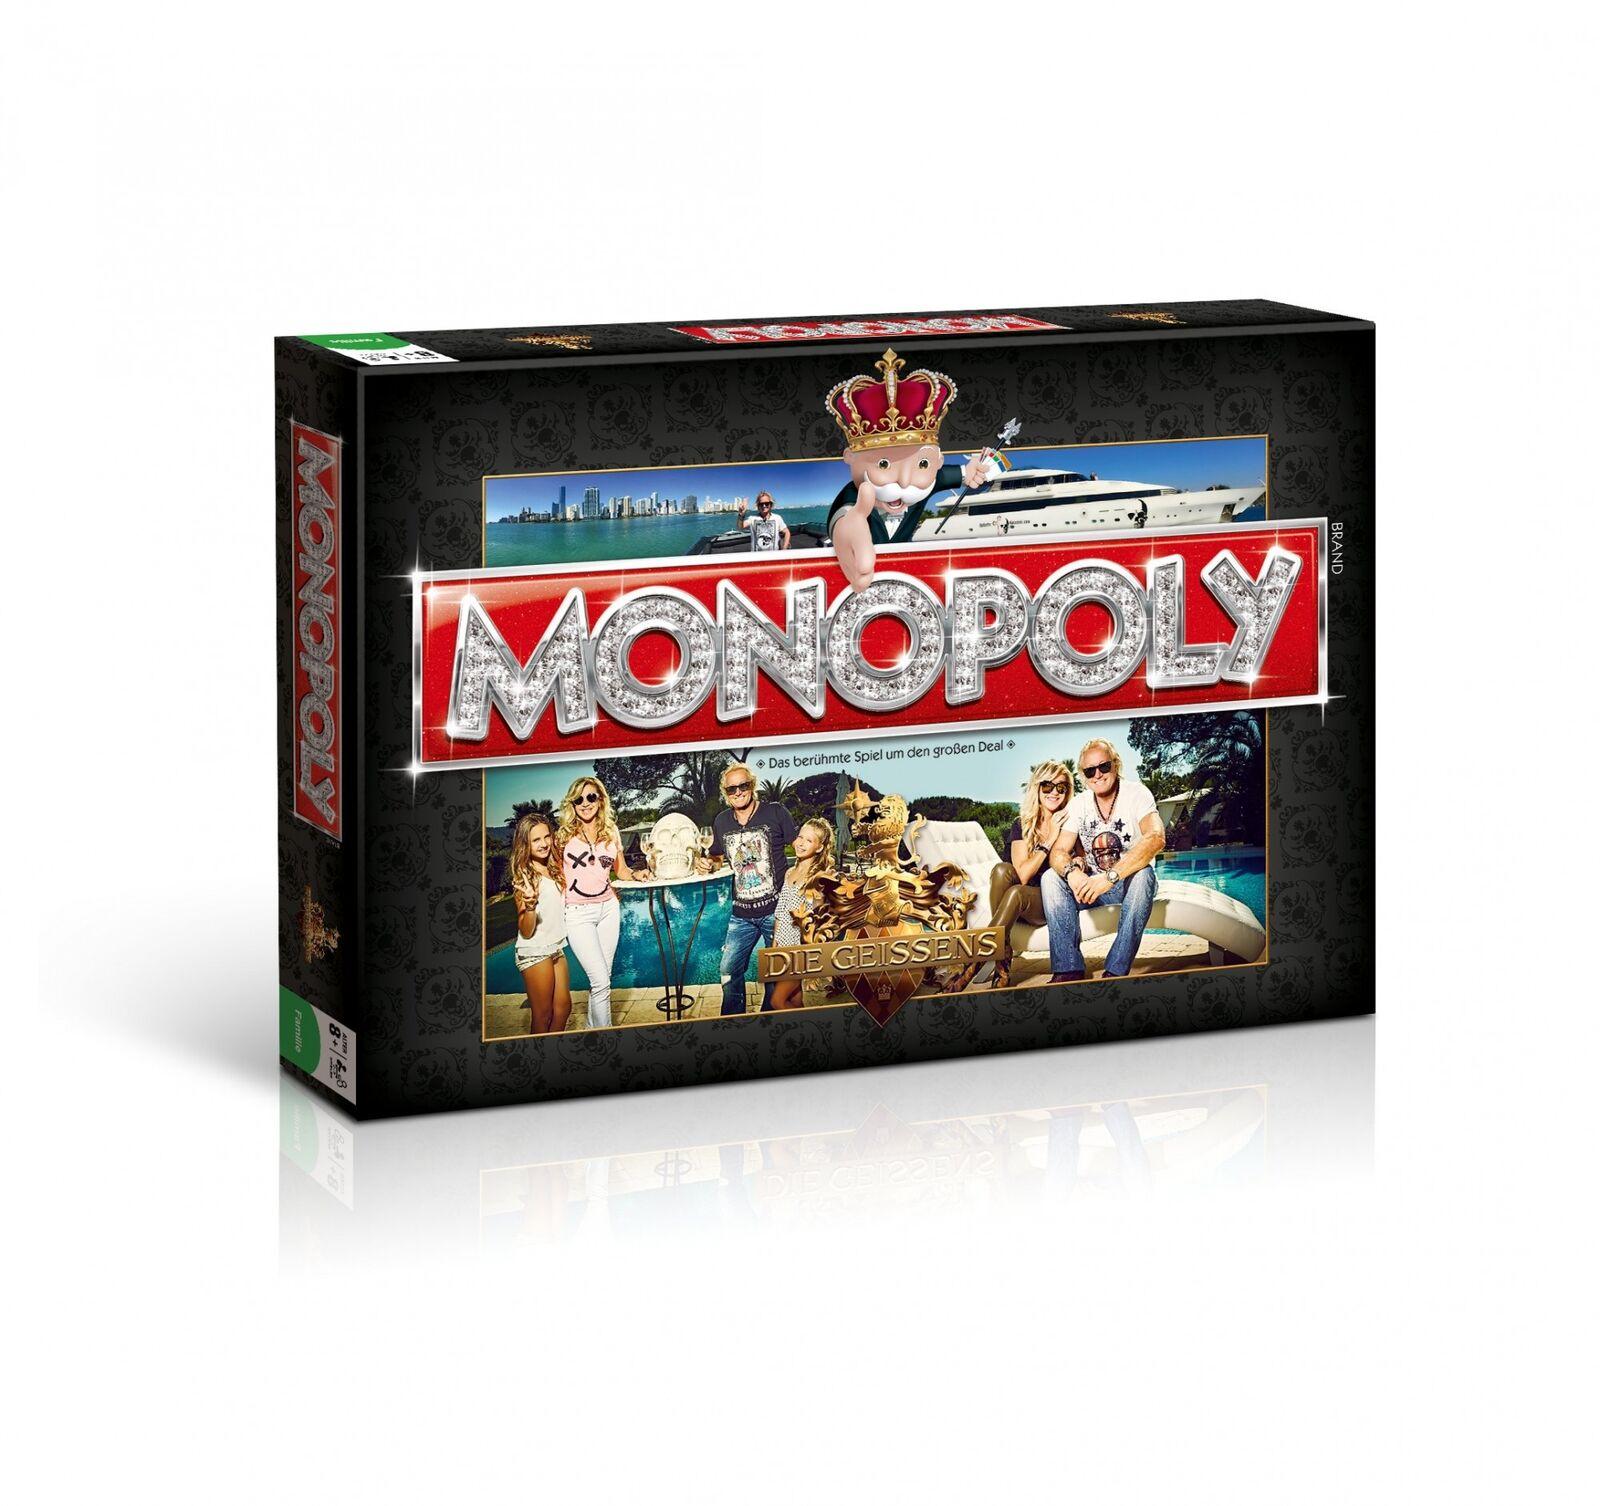 Monopol la geissens deluxe dorados figuras el juego de mesa juego de mesa